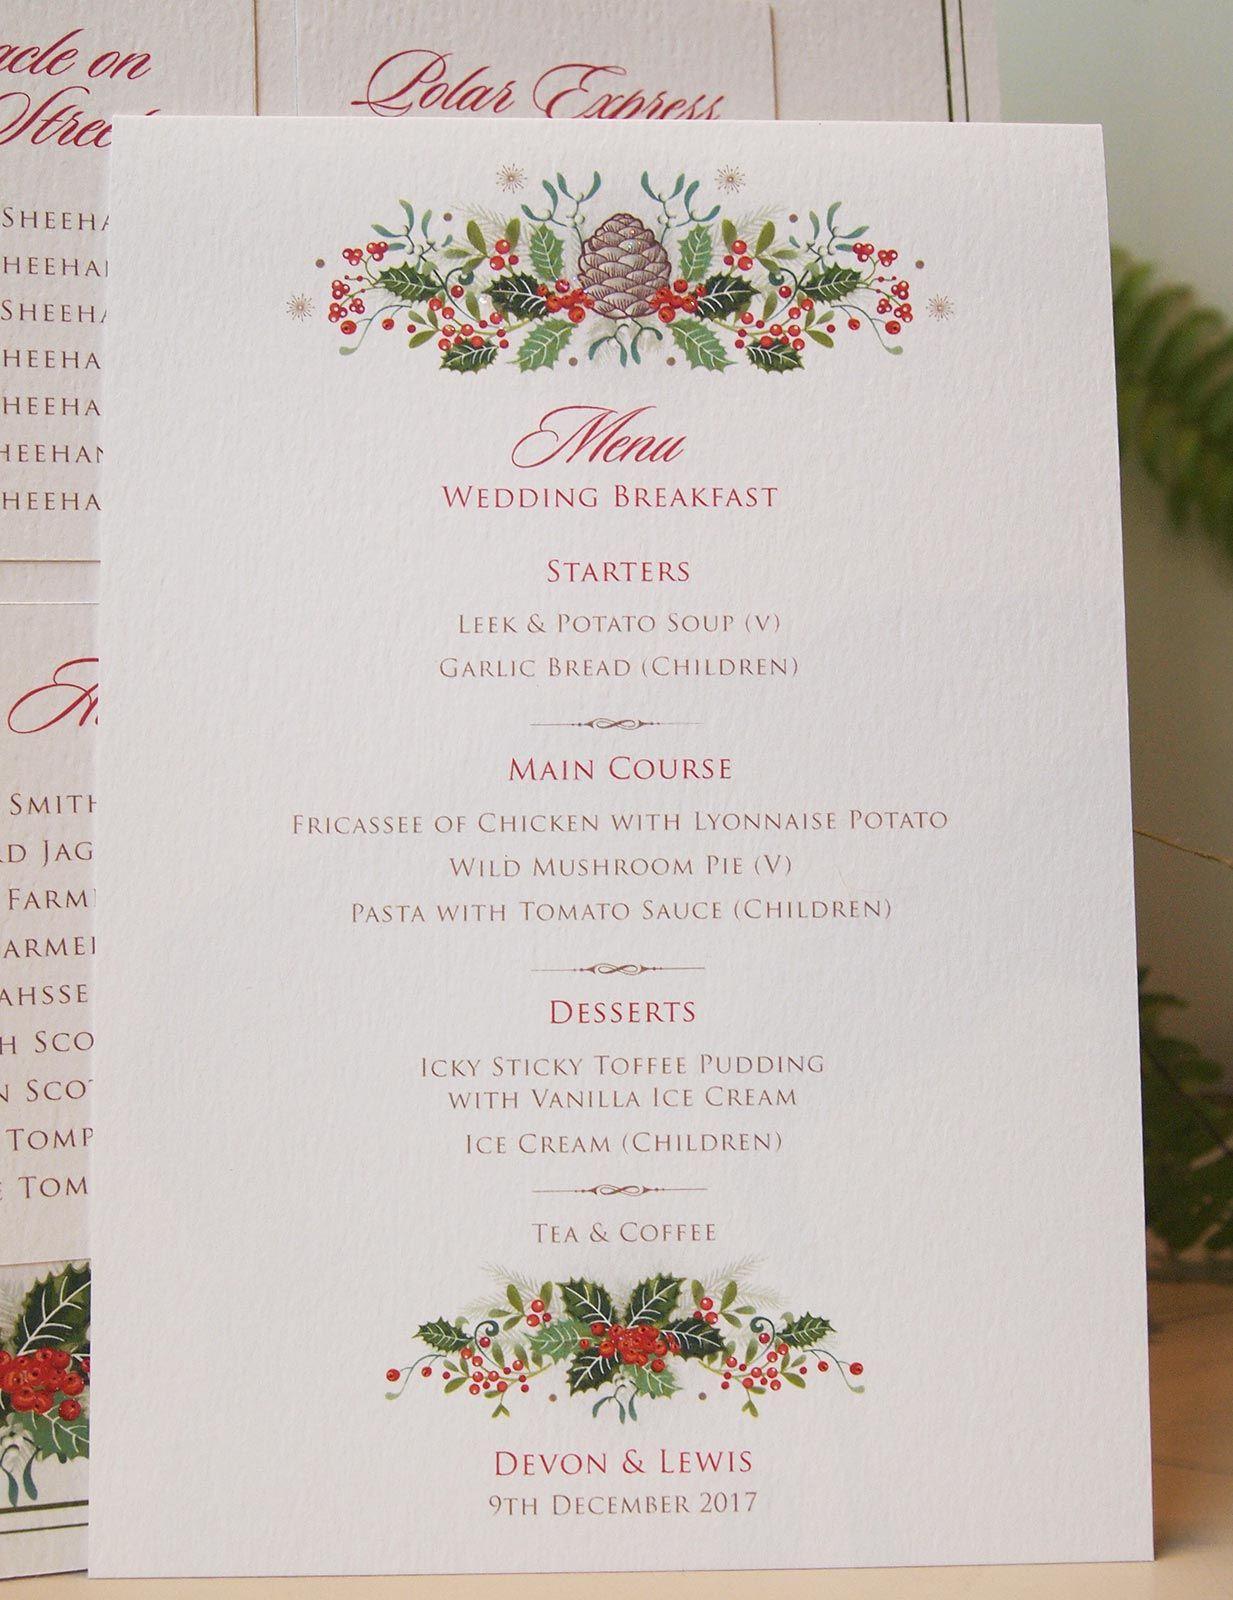 Holly Berries - Christmas themed wedding menu | Paper Pleasures ...